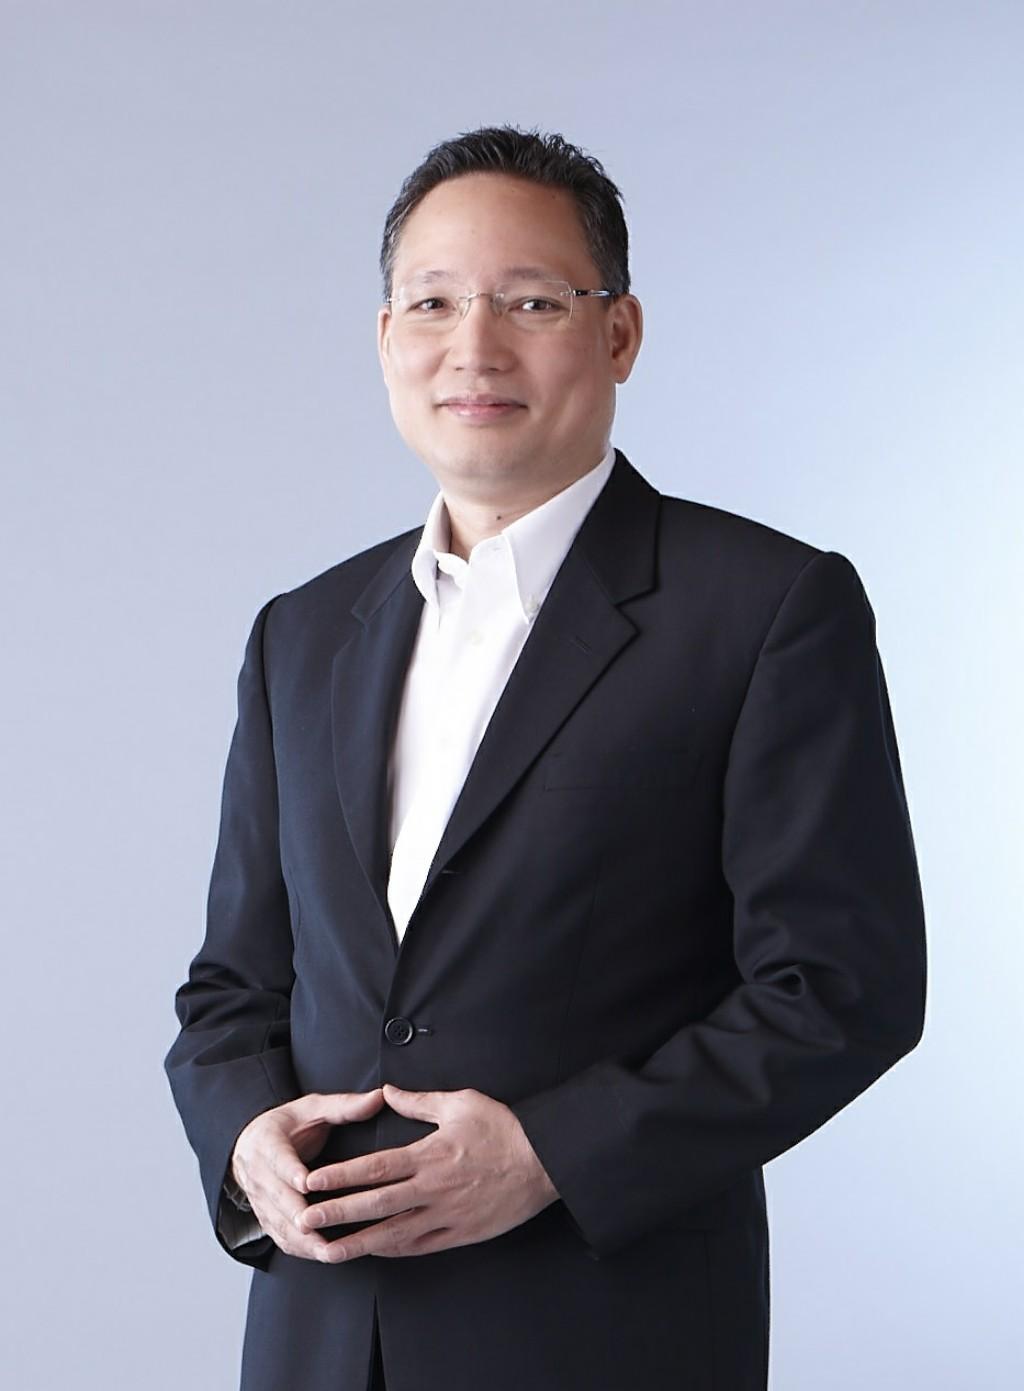 กรุงไทยจ้างผู้เชี่ยวชาญยกระดับIT-มั่นใจลดปัญหาขัดข้อง